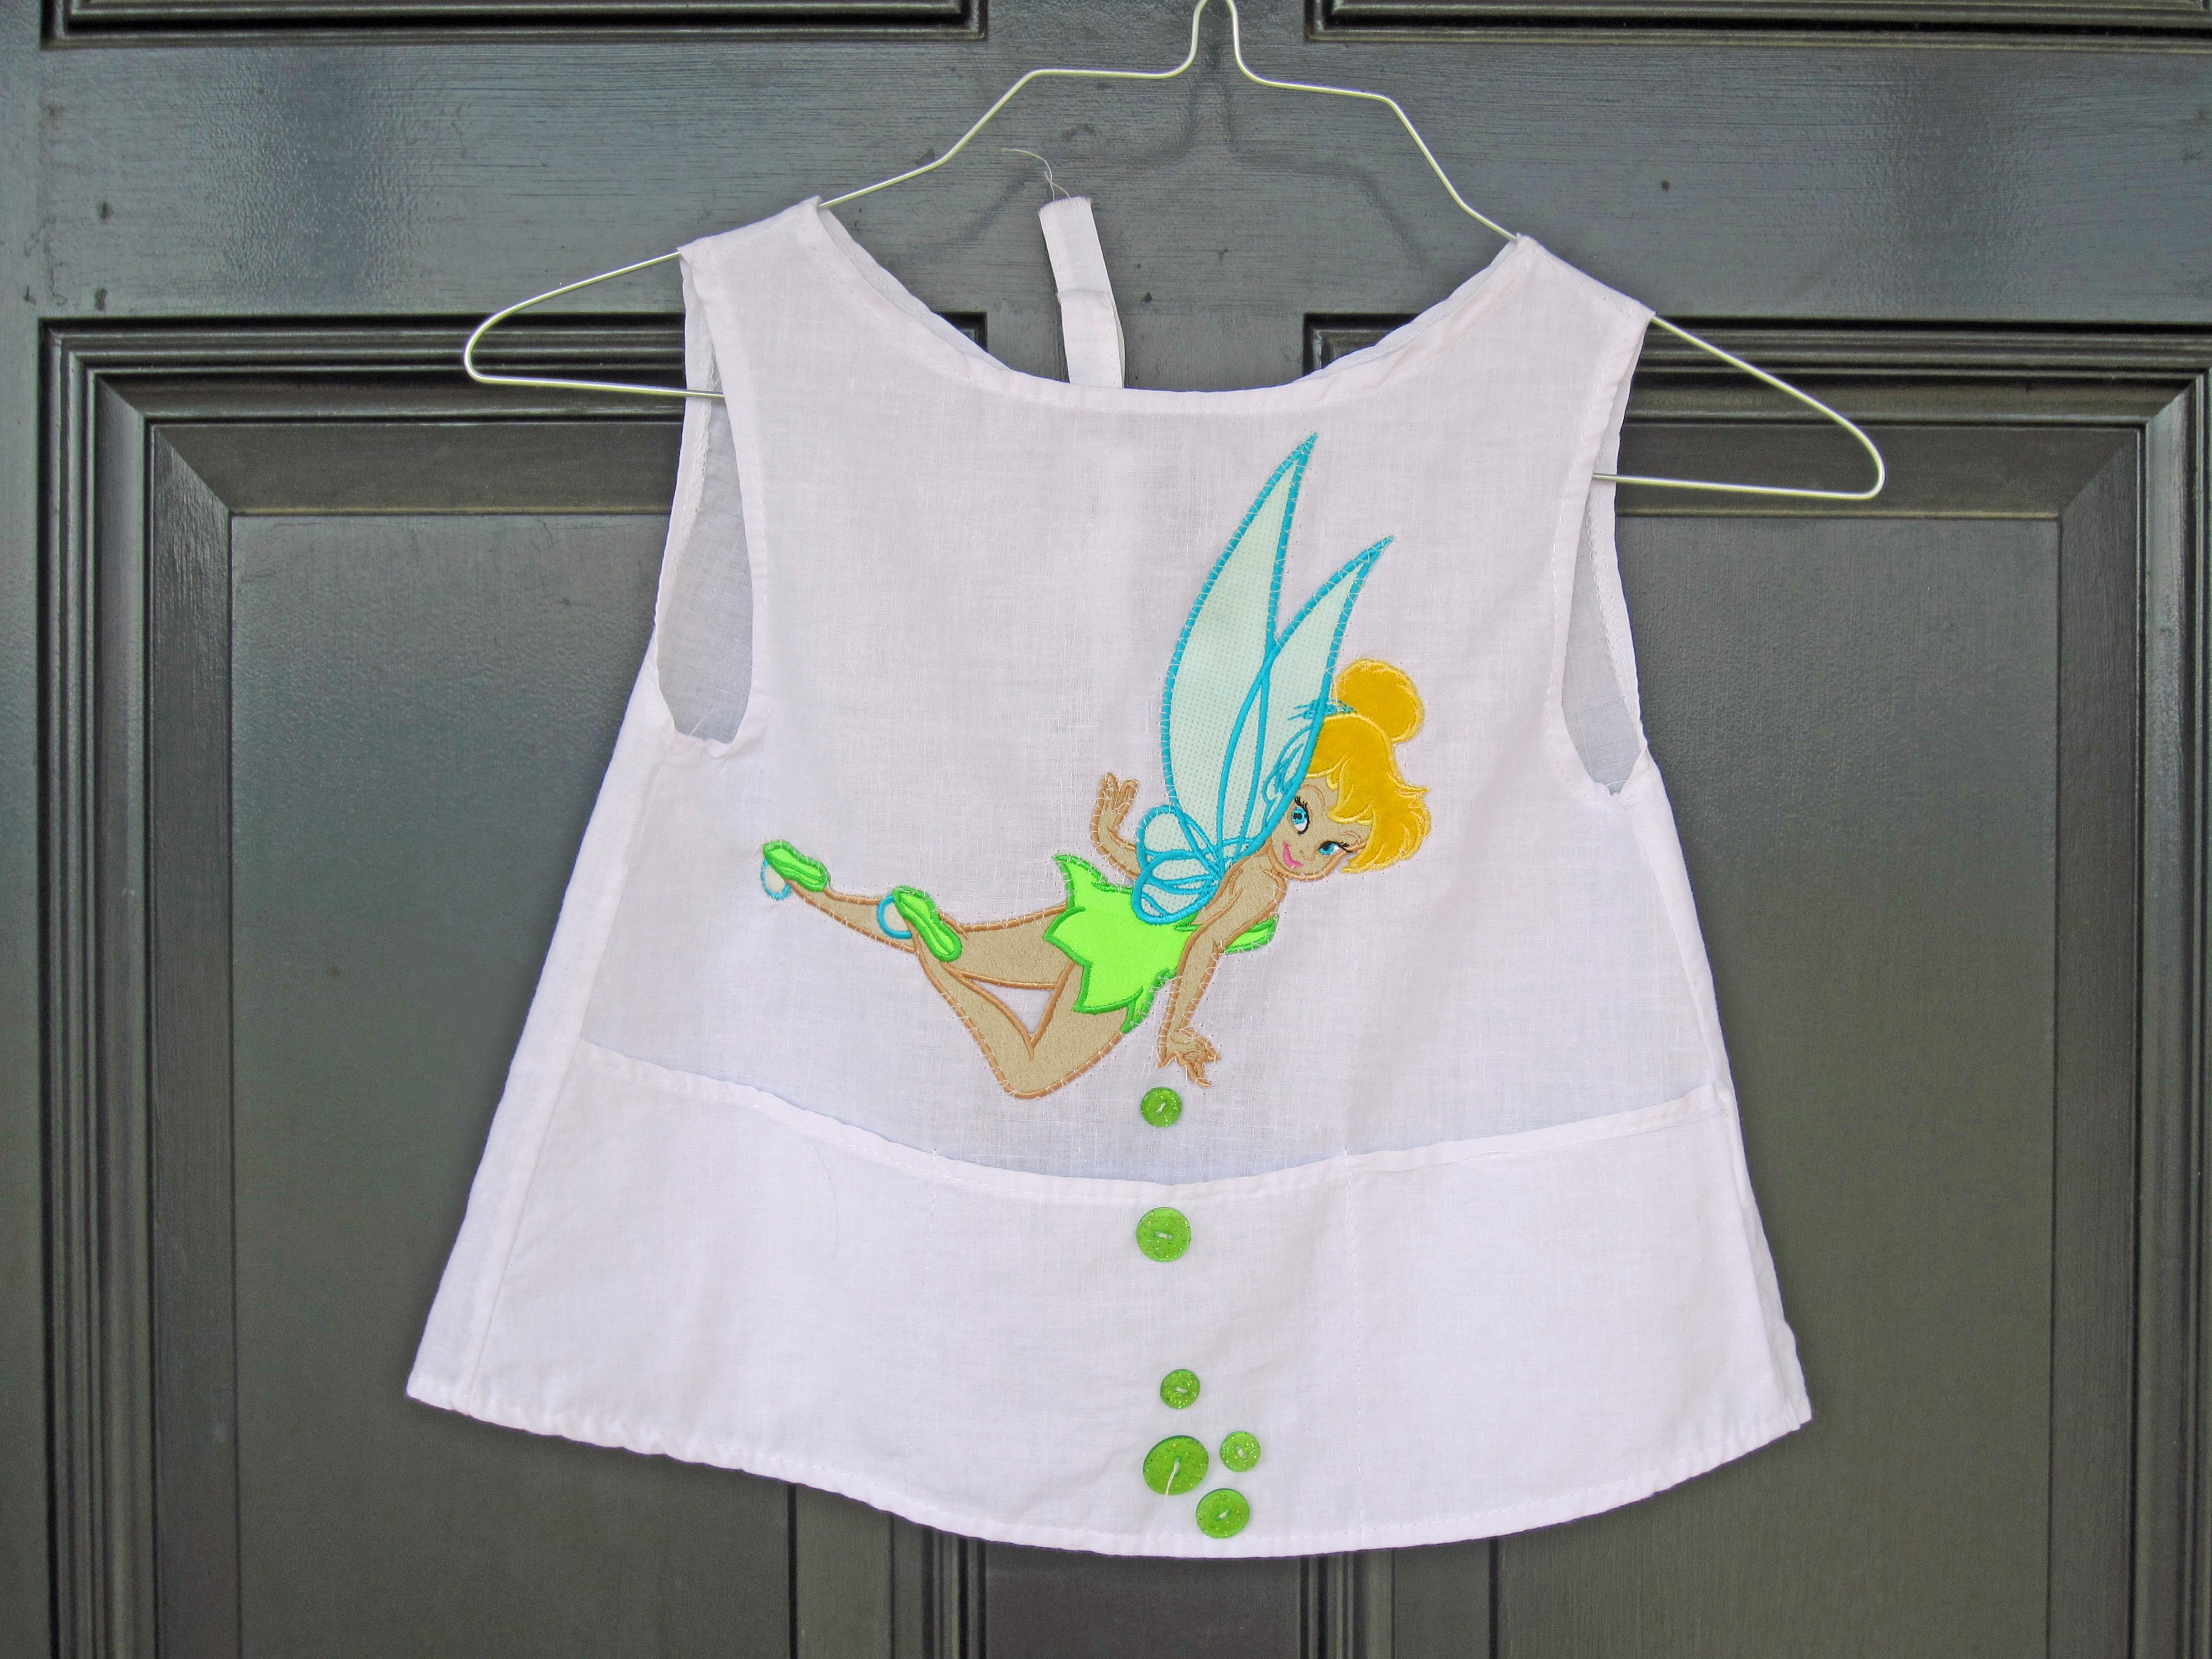 White apron.org - Cc Seahorse Tinkerbell Smock Apron